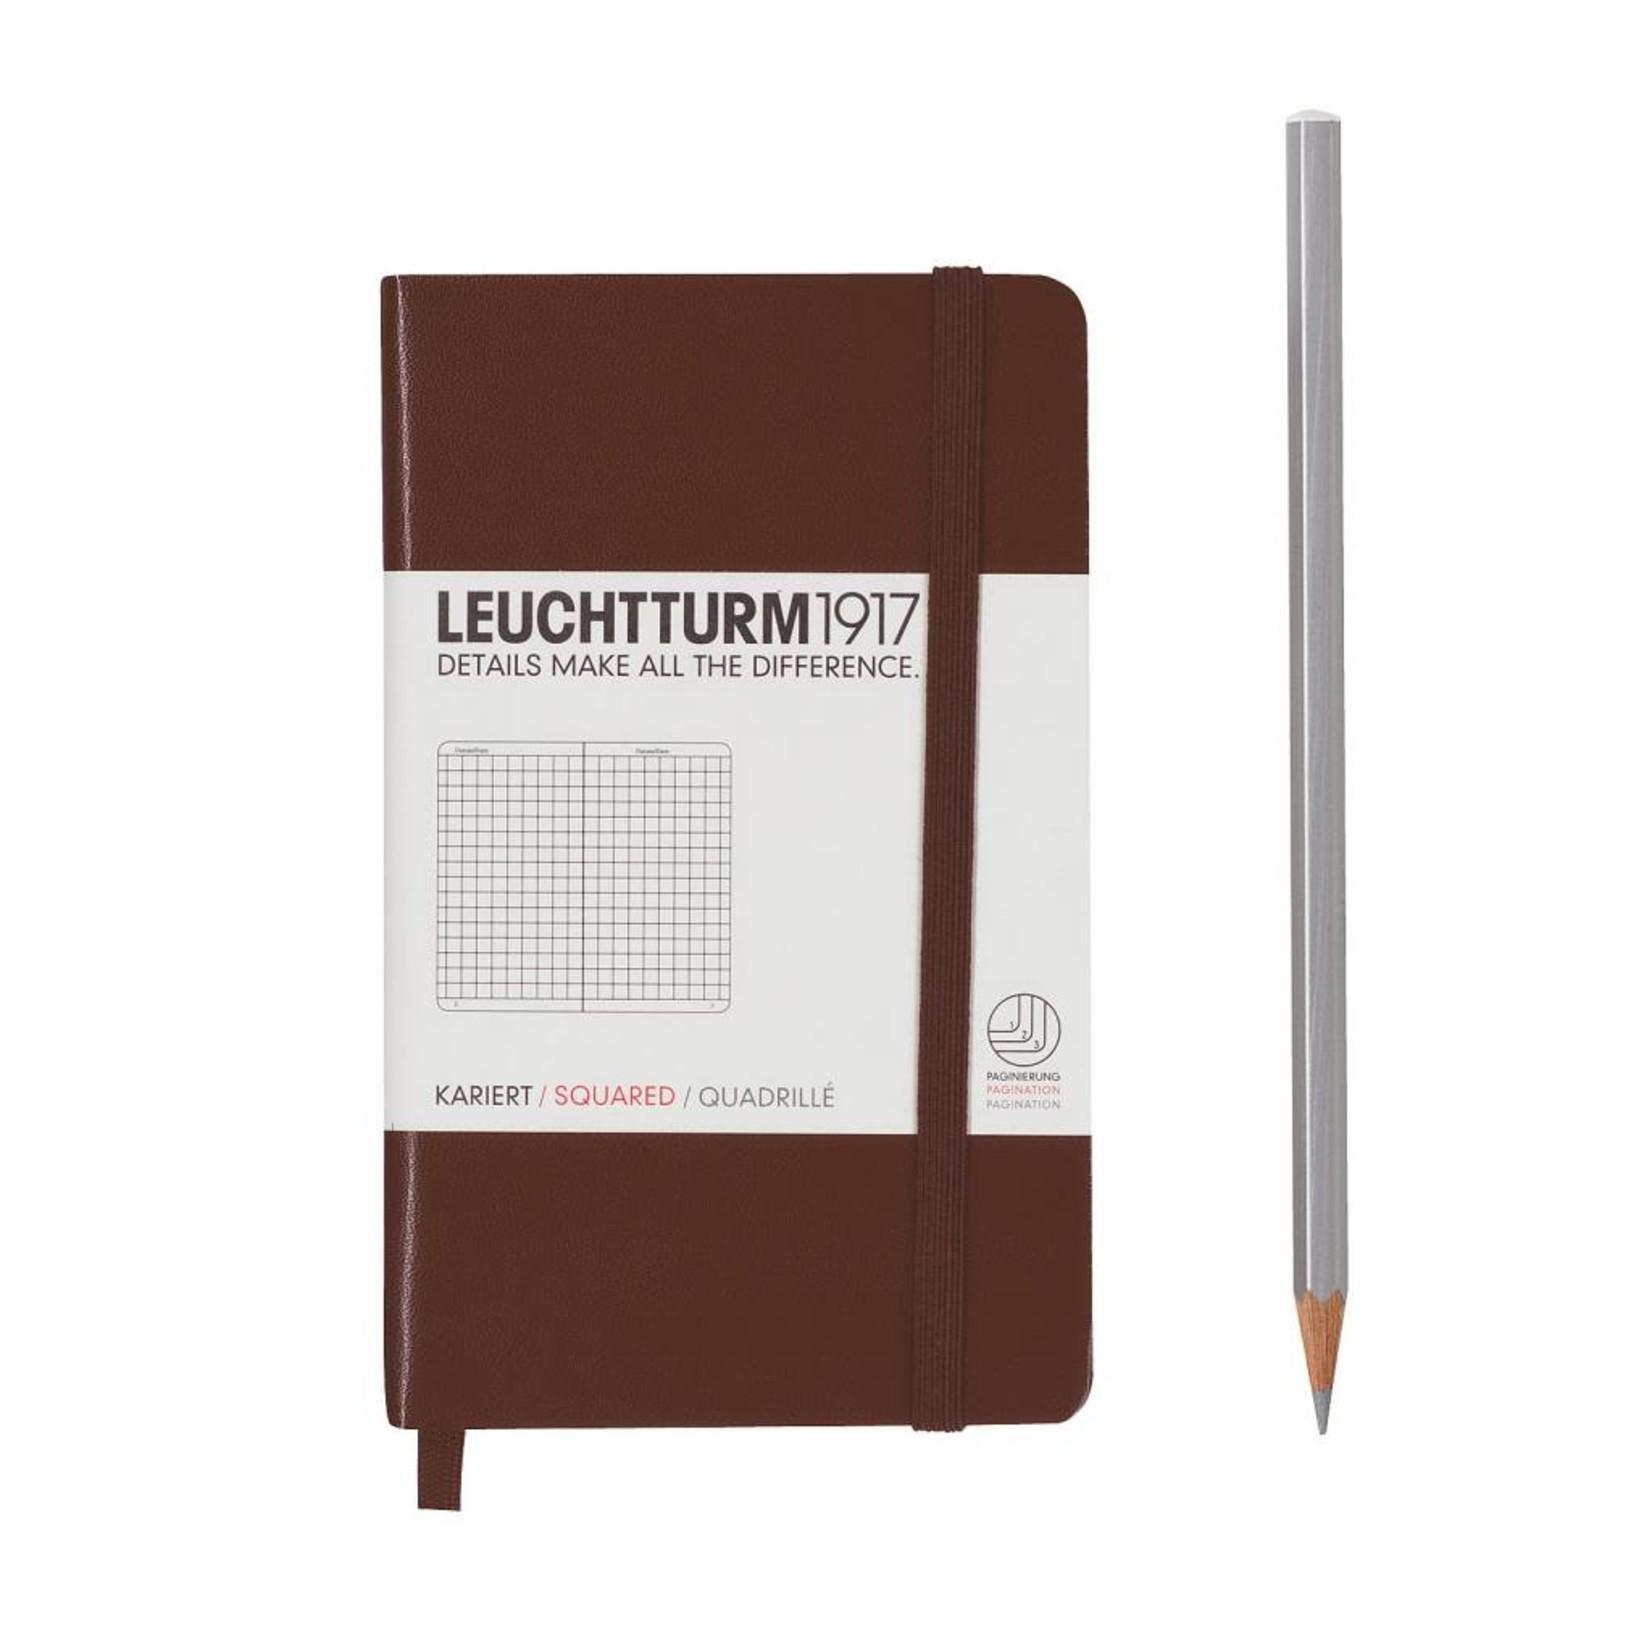 Leuchtturm1917 Leuchtturm1917 Notizbuch, Pocket, Schokolade, Kariert